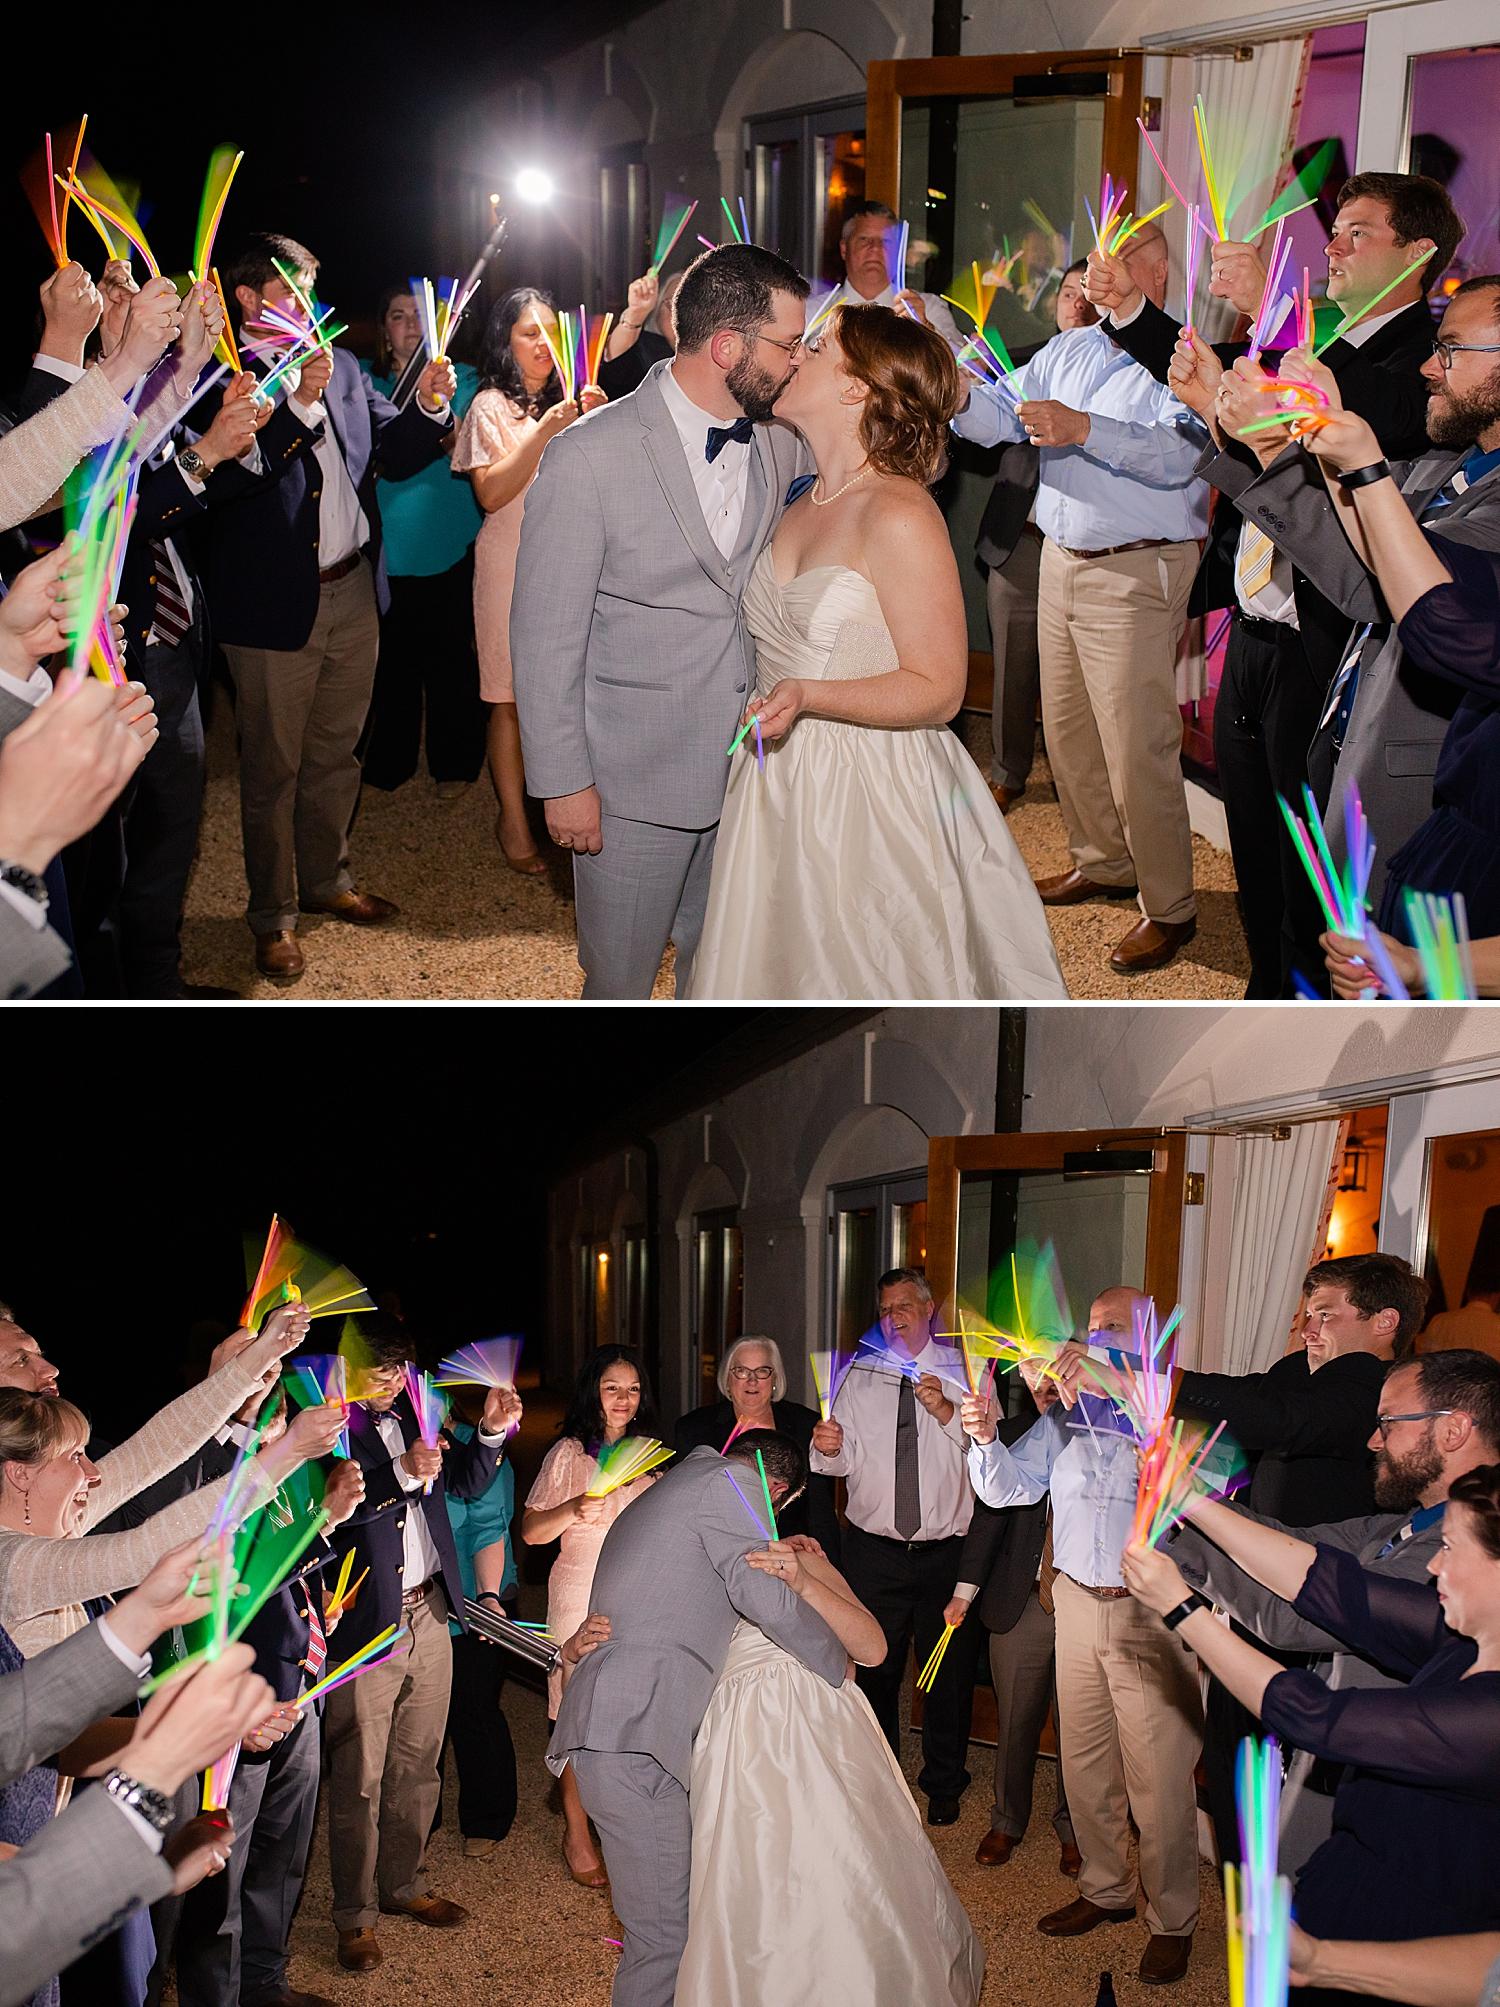 Love the multicolored glow sticks!! Such a fun and unique exit!